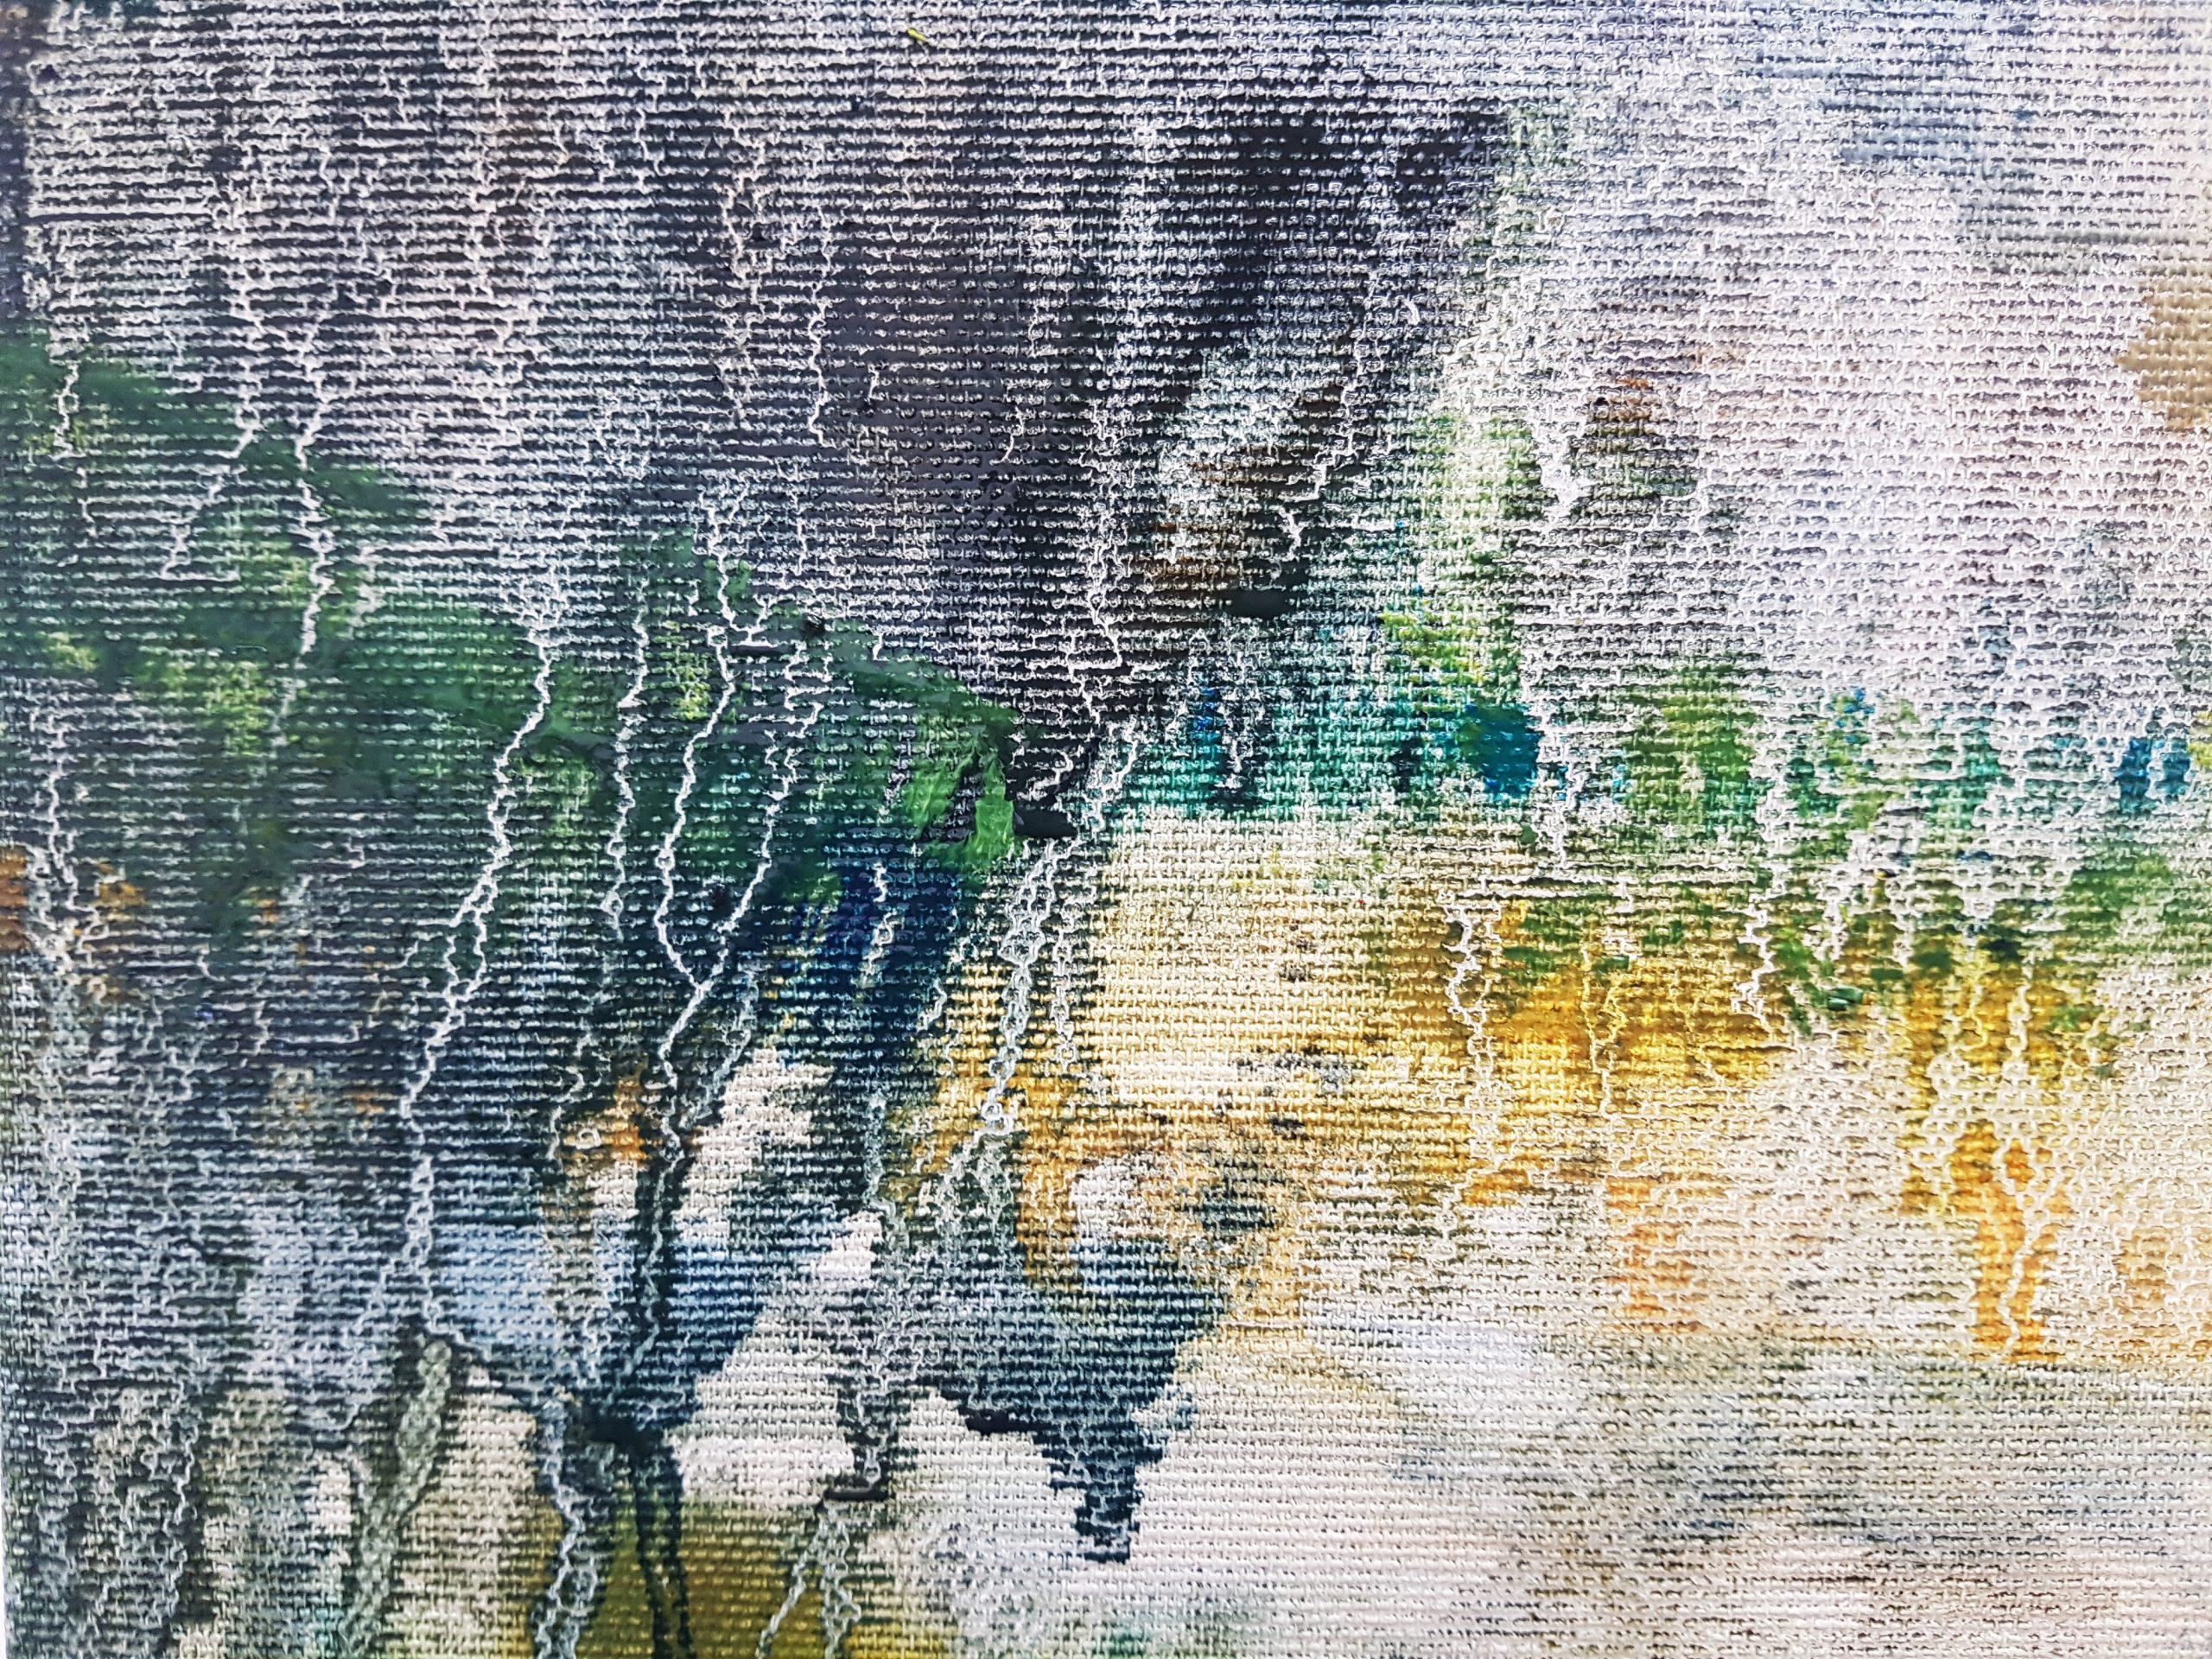 'Detour' 2020 (Detail), Oil on canvas | Julia Brown